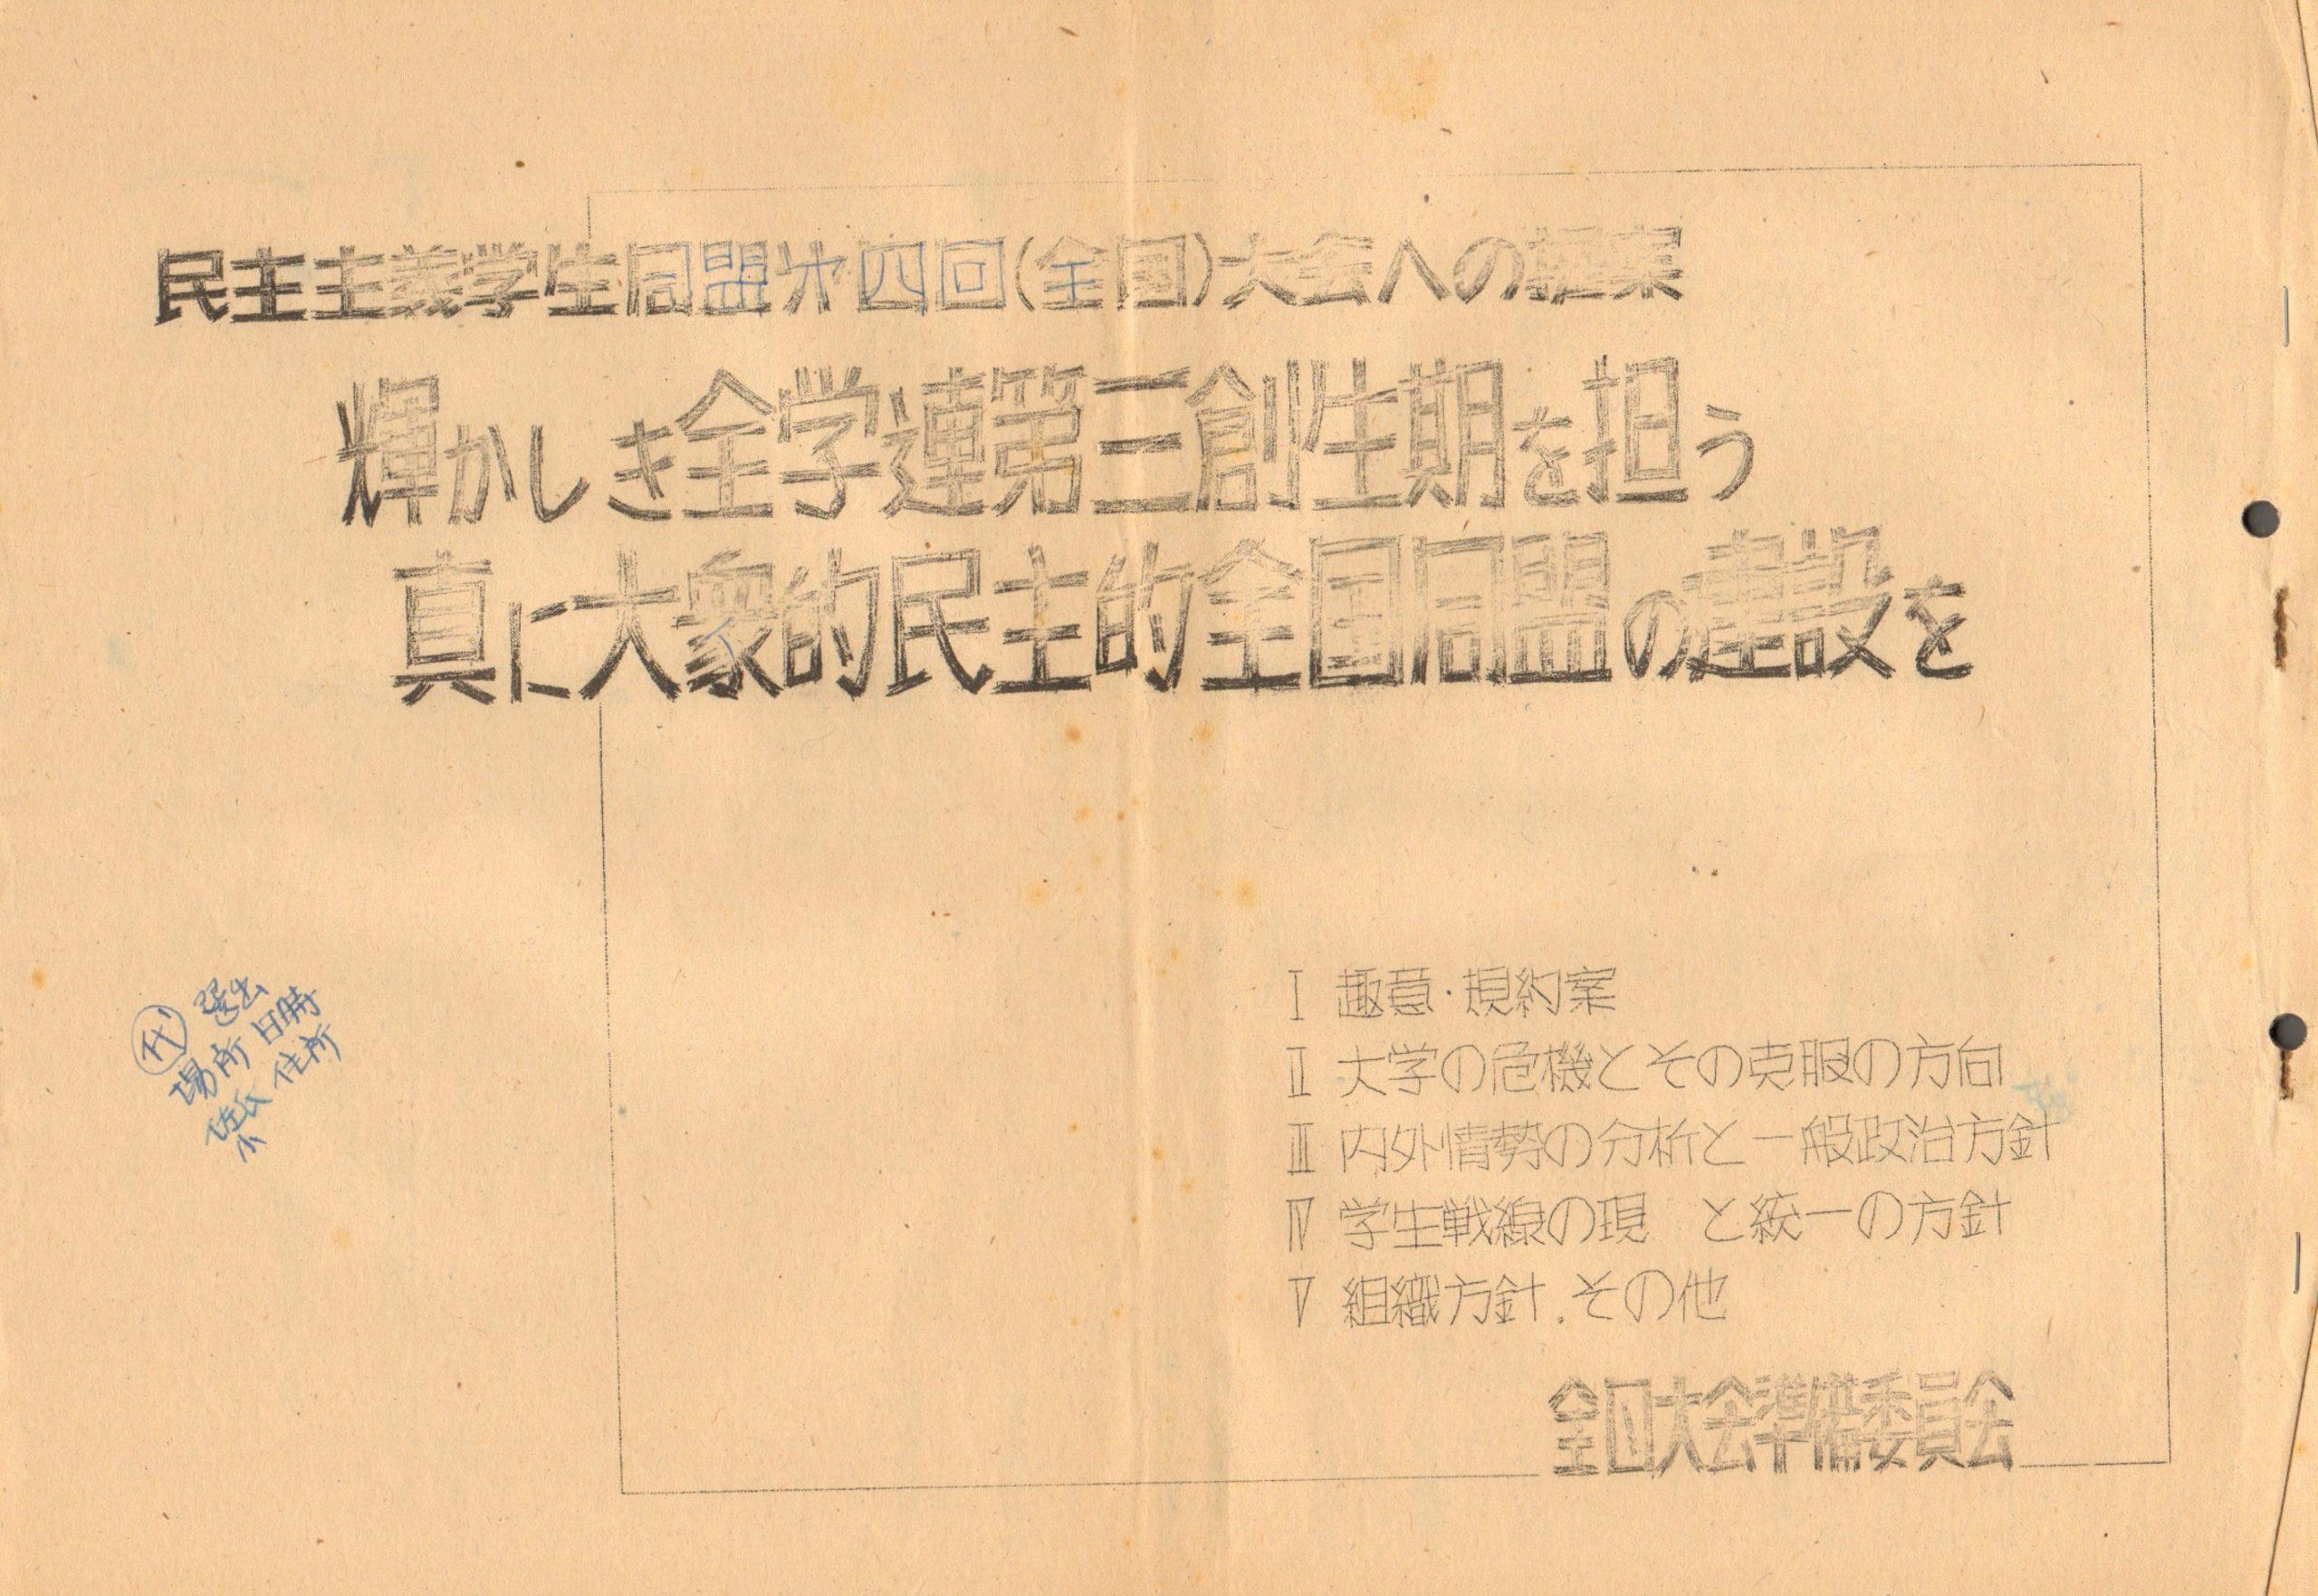 1964年12月 民学同第4回(全国)大会提案